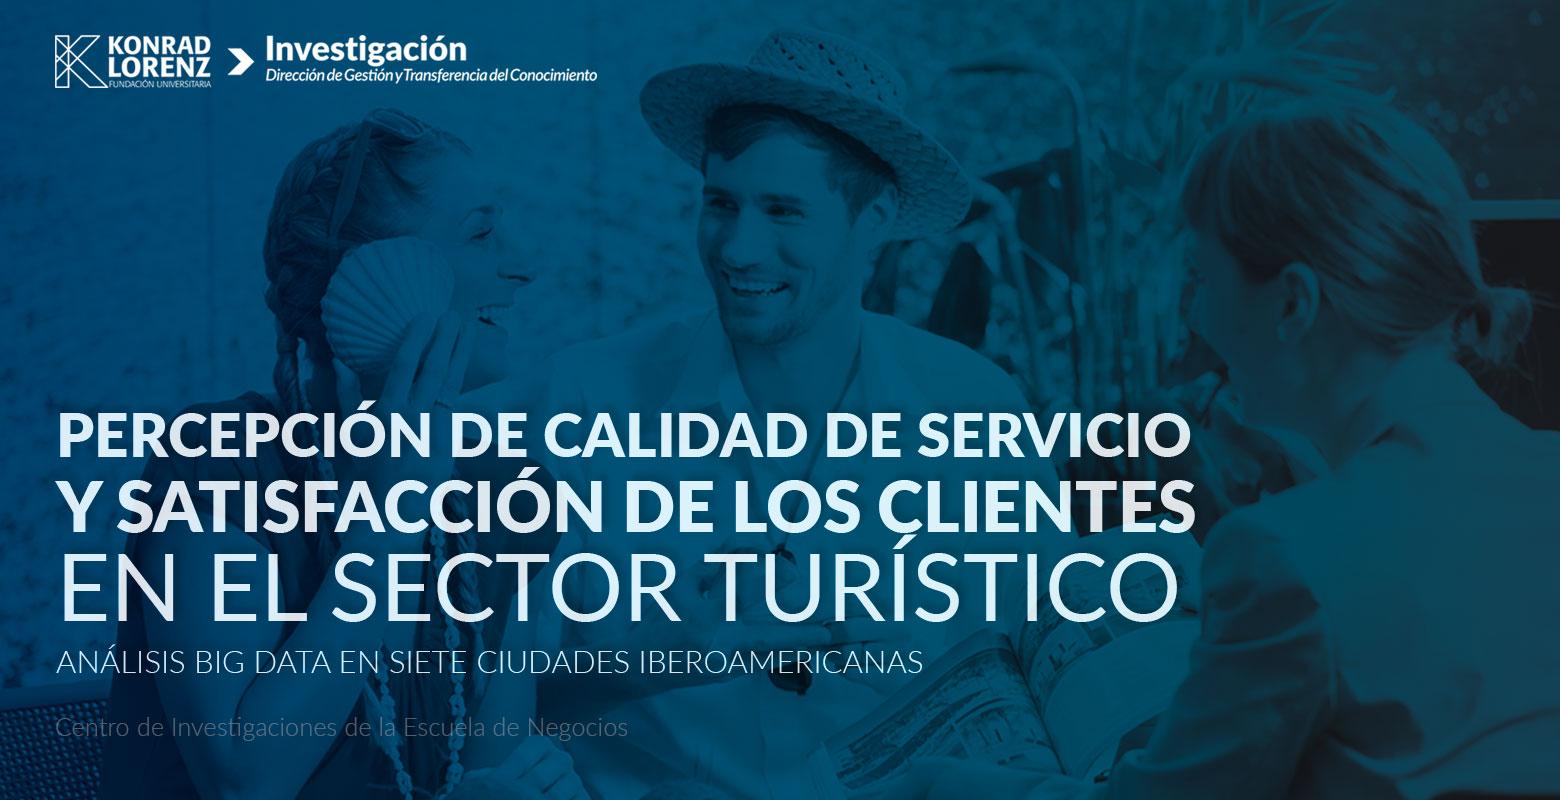 Percepción de calidad de servicio y satisfacción de los clientes en el sector turístico. Análisis Big Data en siete ciudades iberoamericanas